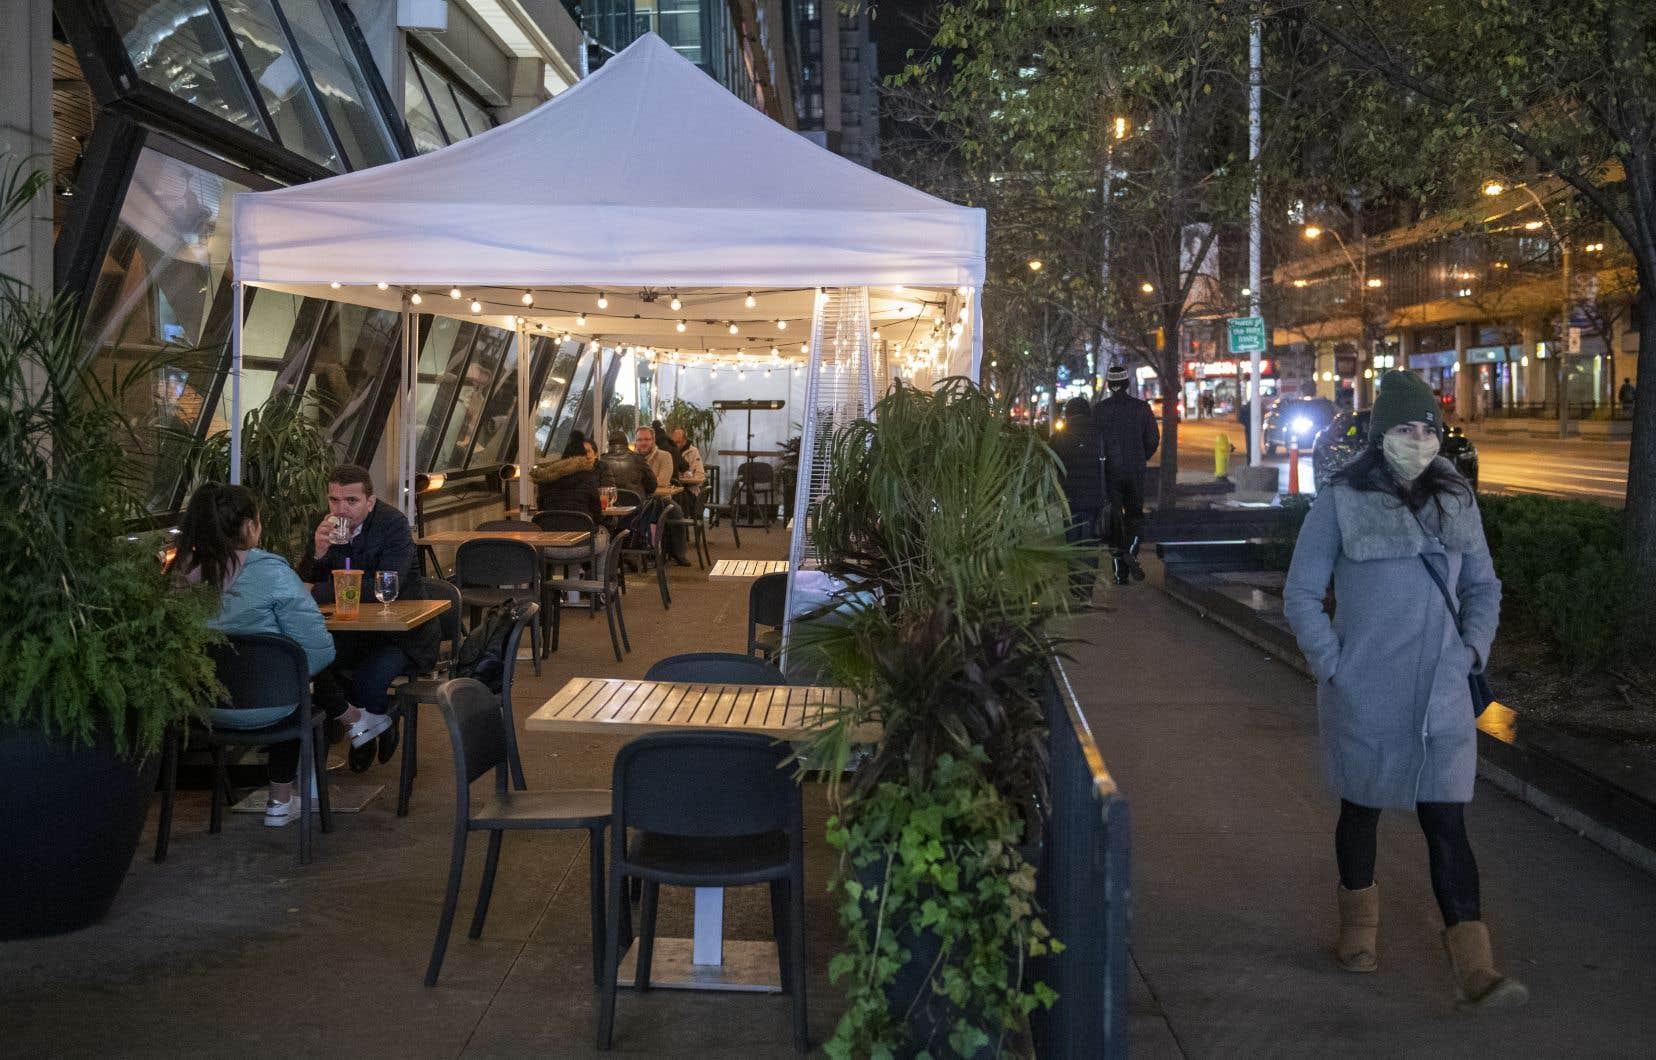 Les salles à manger et les terrasses des restaurants de Toronto et de Peel vont devoir fermer en vertu des nouvelles restrictions.